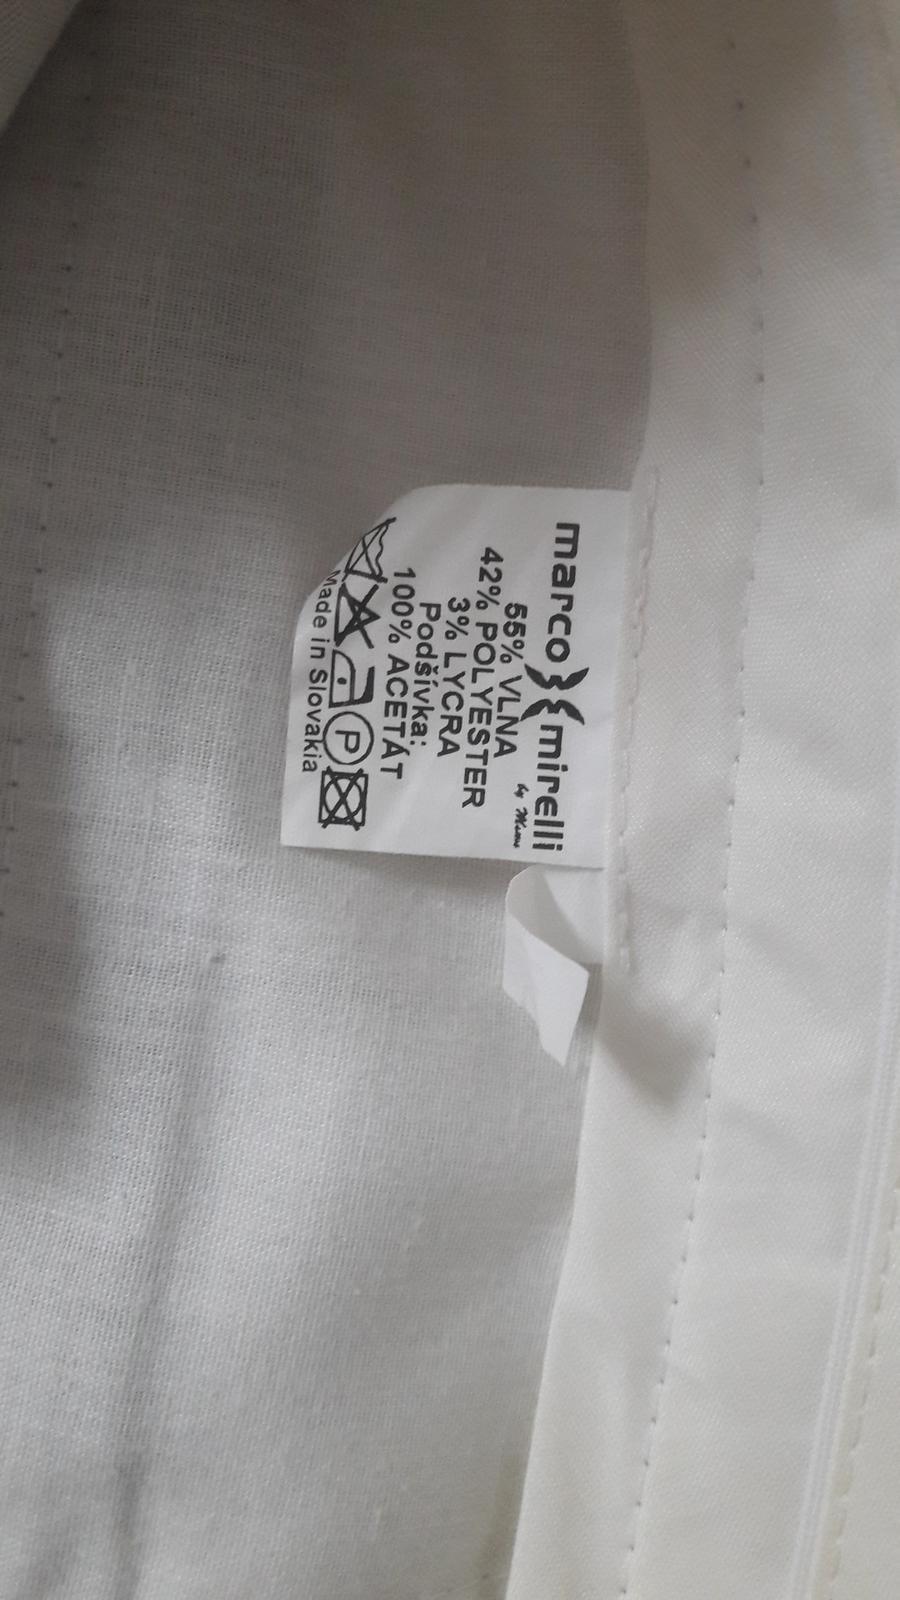 Oblek svadobný marco.mirelli - Obrázok č. 3